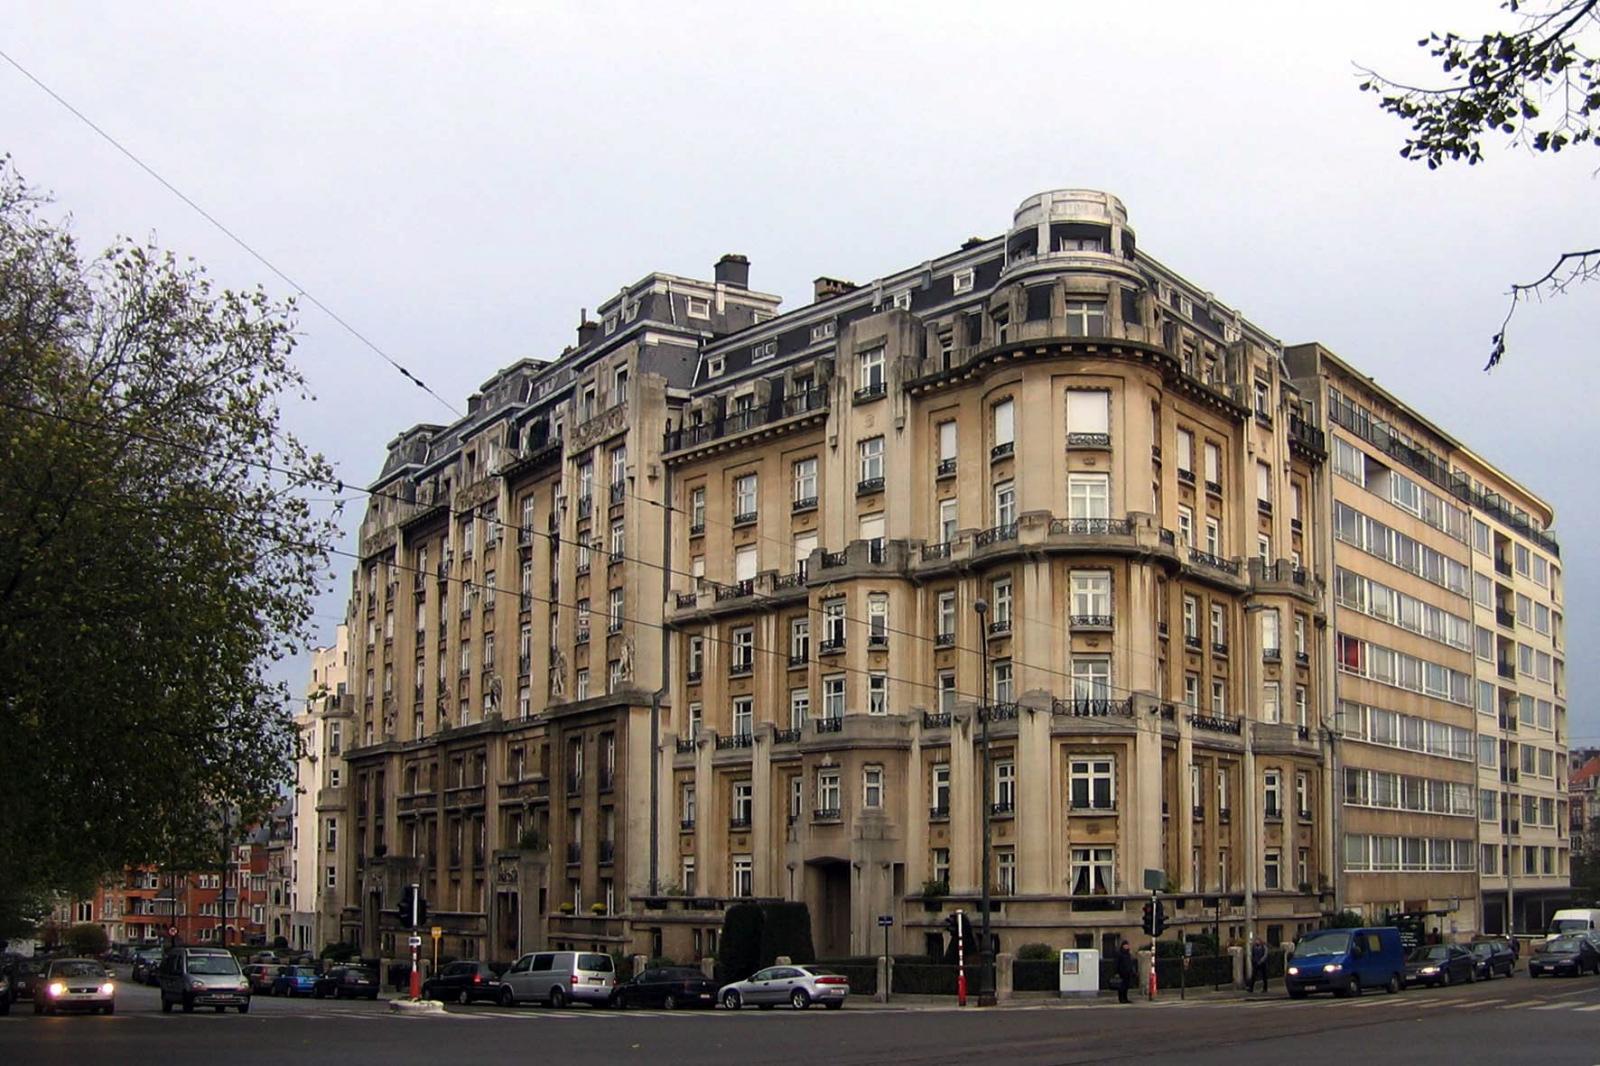 À l\'angle du boulevard de La Cambre et de l\'avenue Émile Duray, complexe monumental d\'immeubles à appartements comprenant le no 68, architecte Camille DAMMAN, 1925., 2005